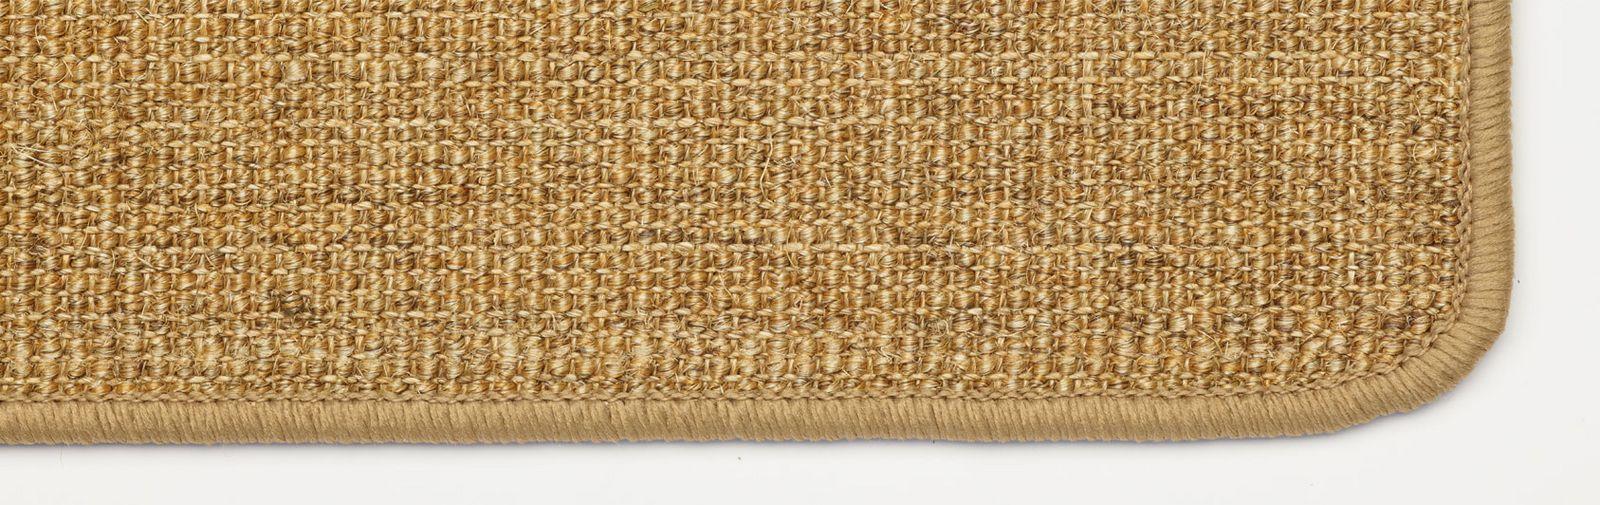 tapis d'église sisal couleur tabac code couleur 7408